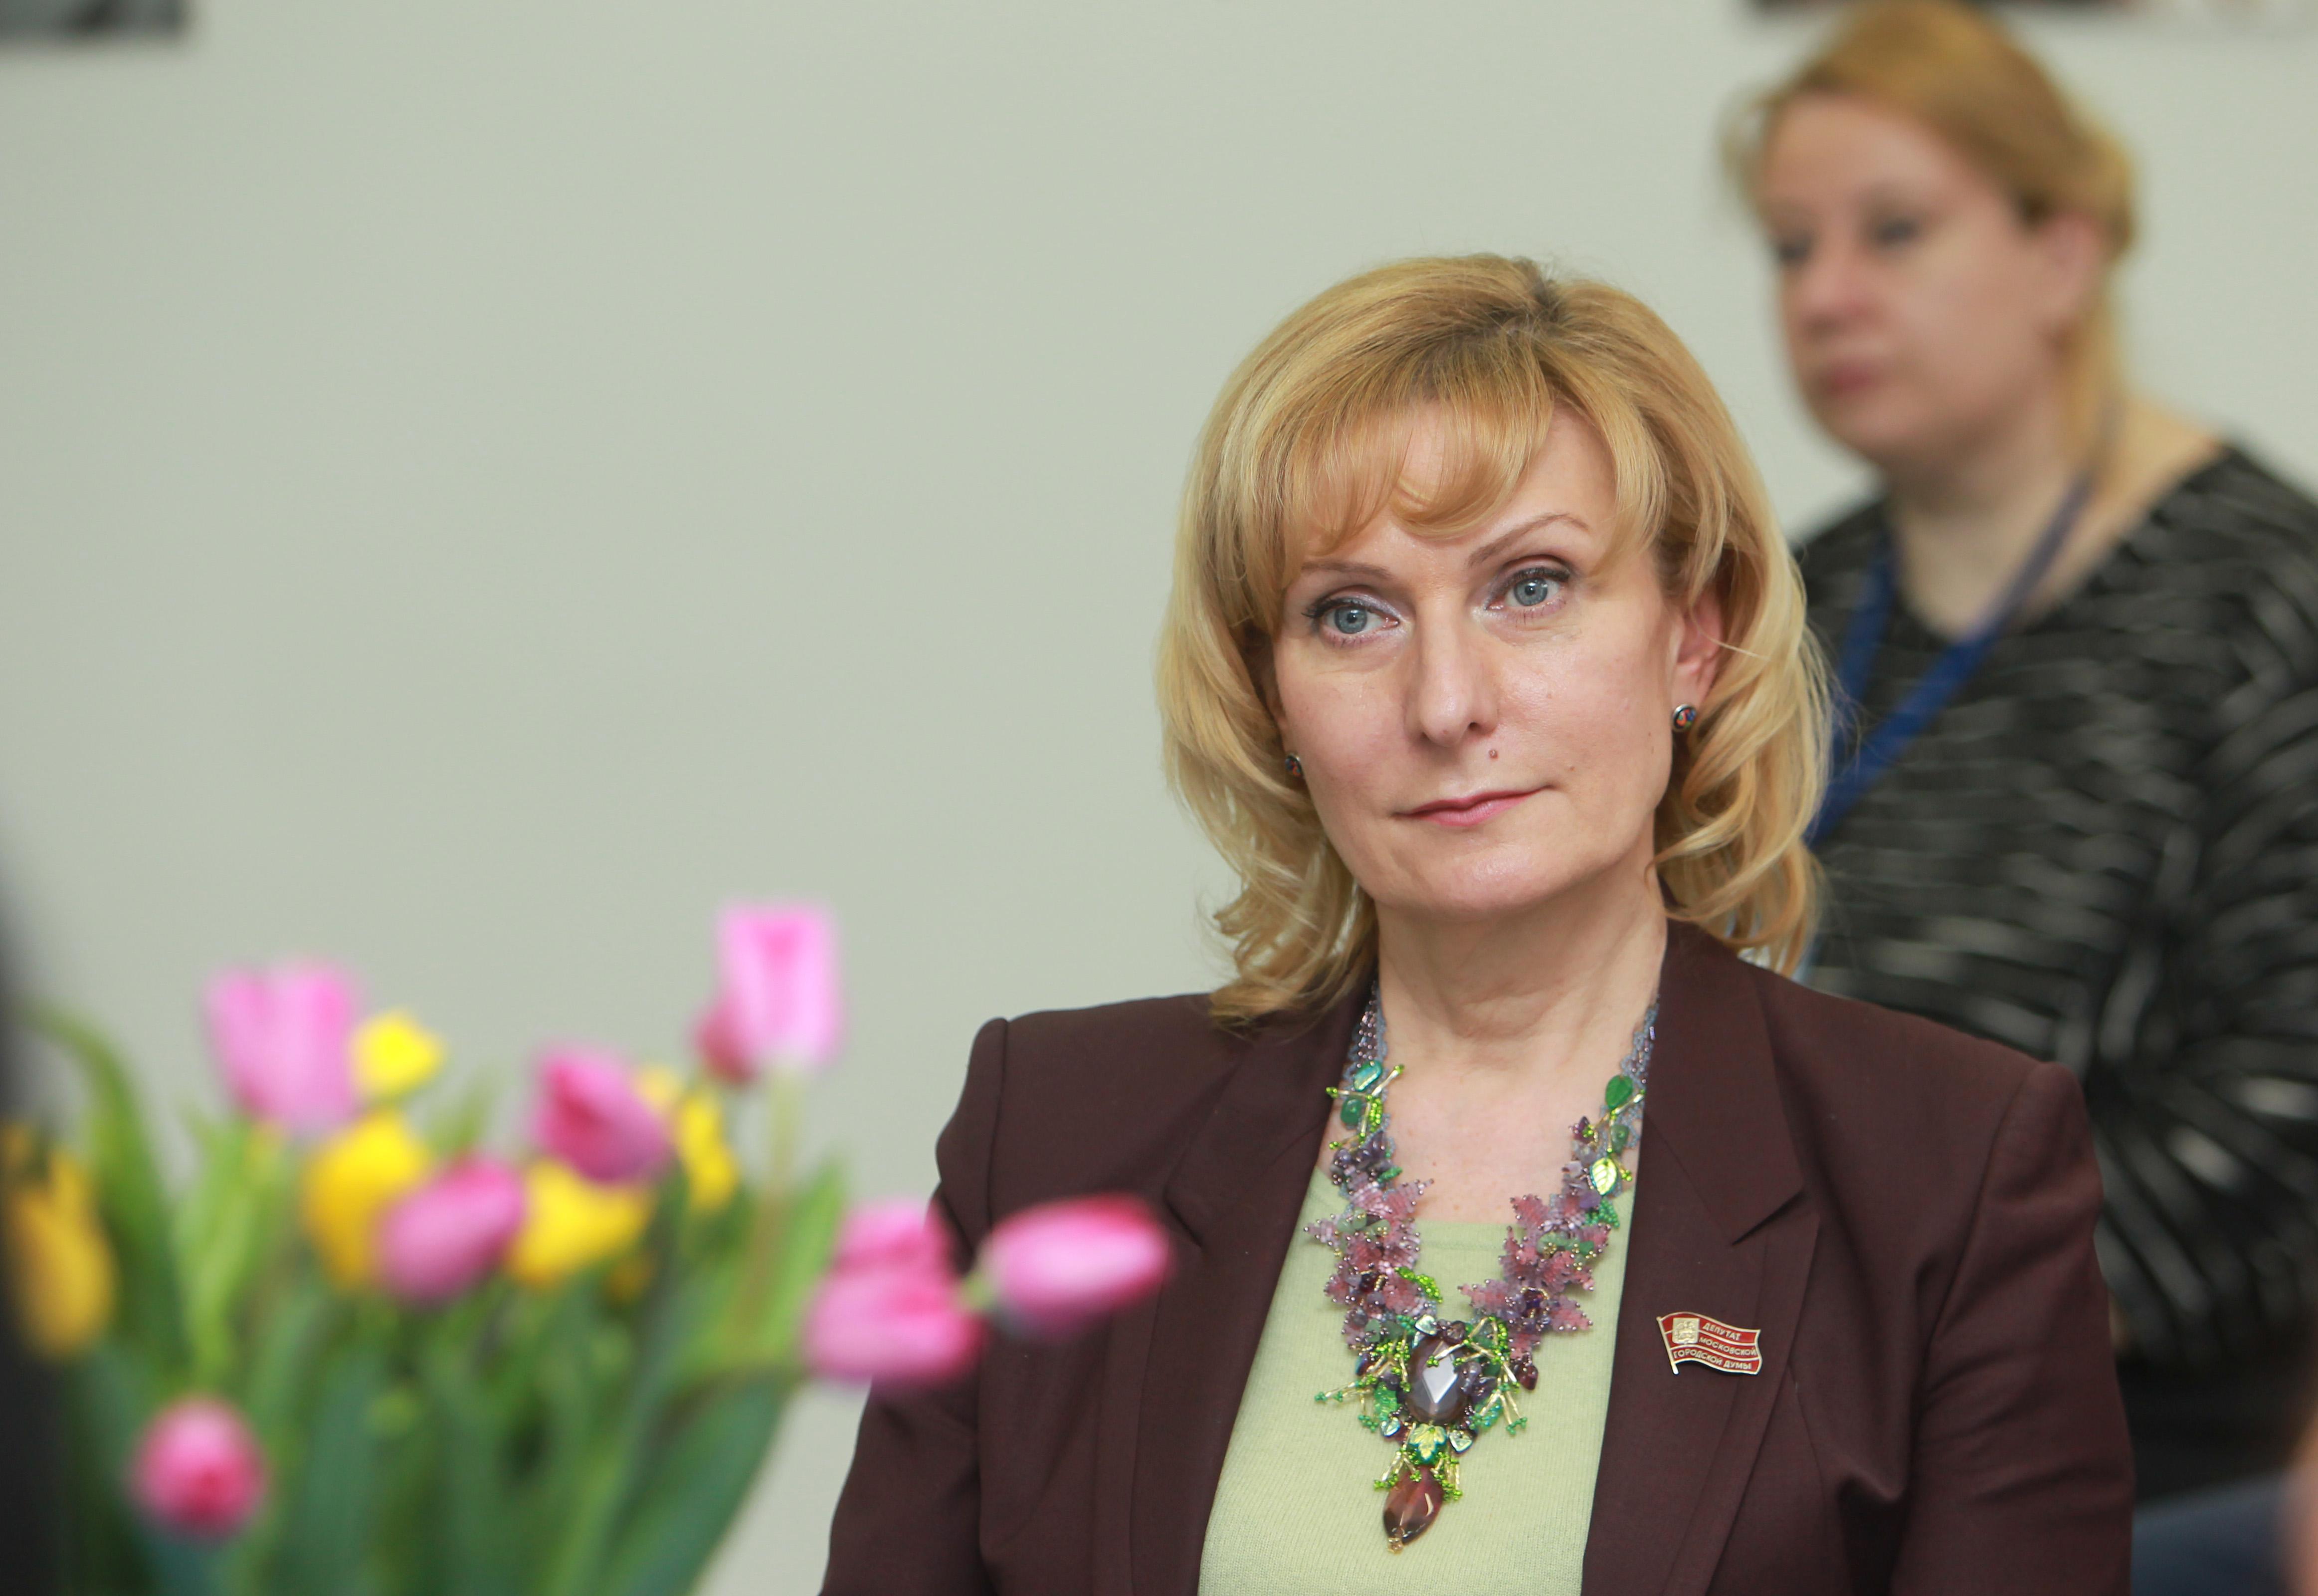 Депутат МГД Святенко считает полезным создание портала для консультаций по вопросам трудового права